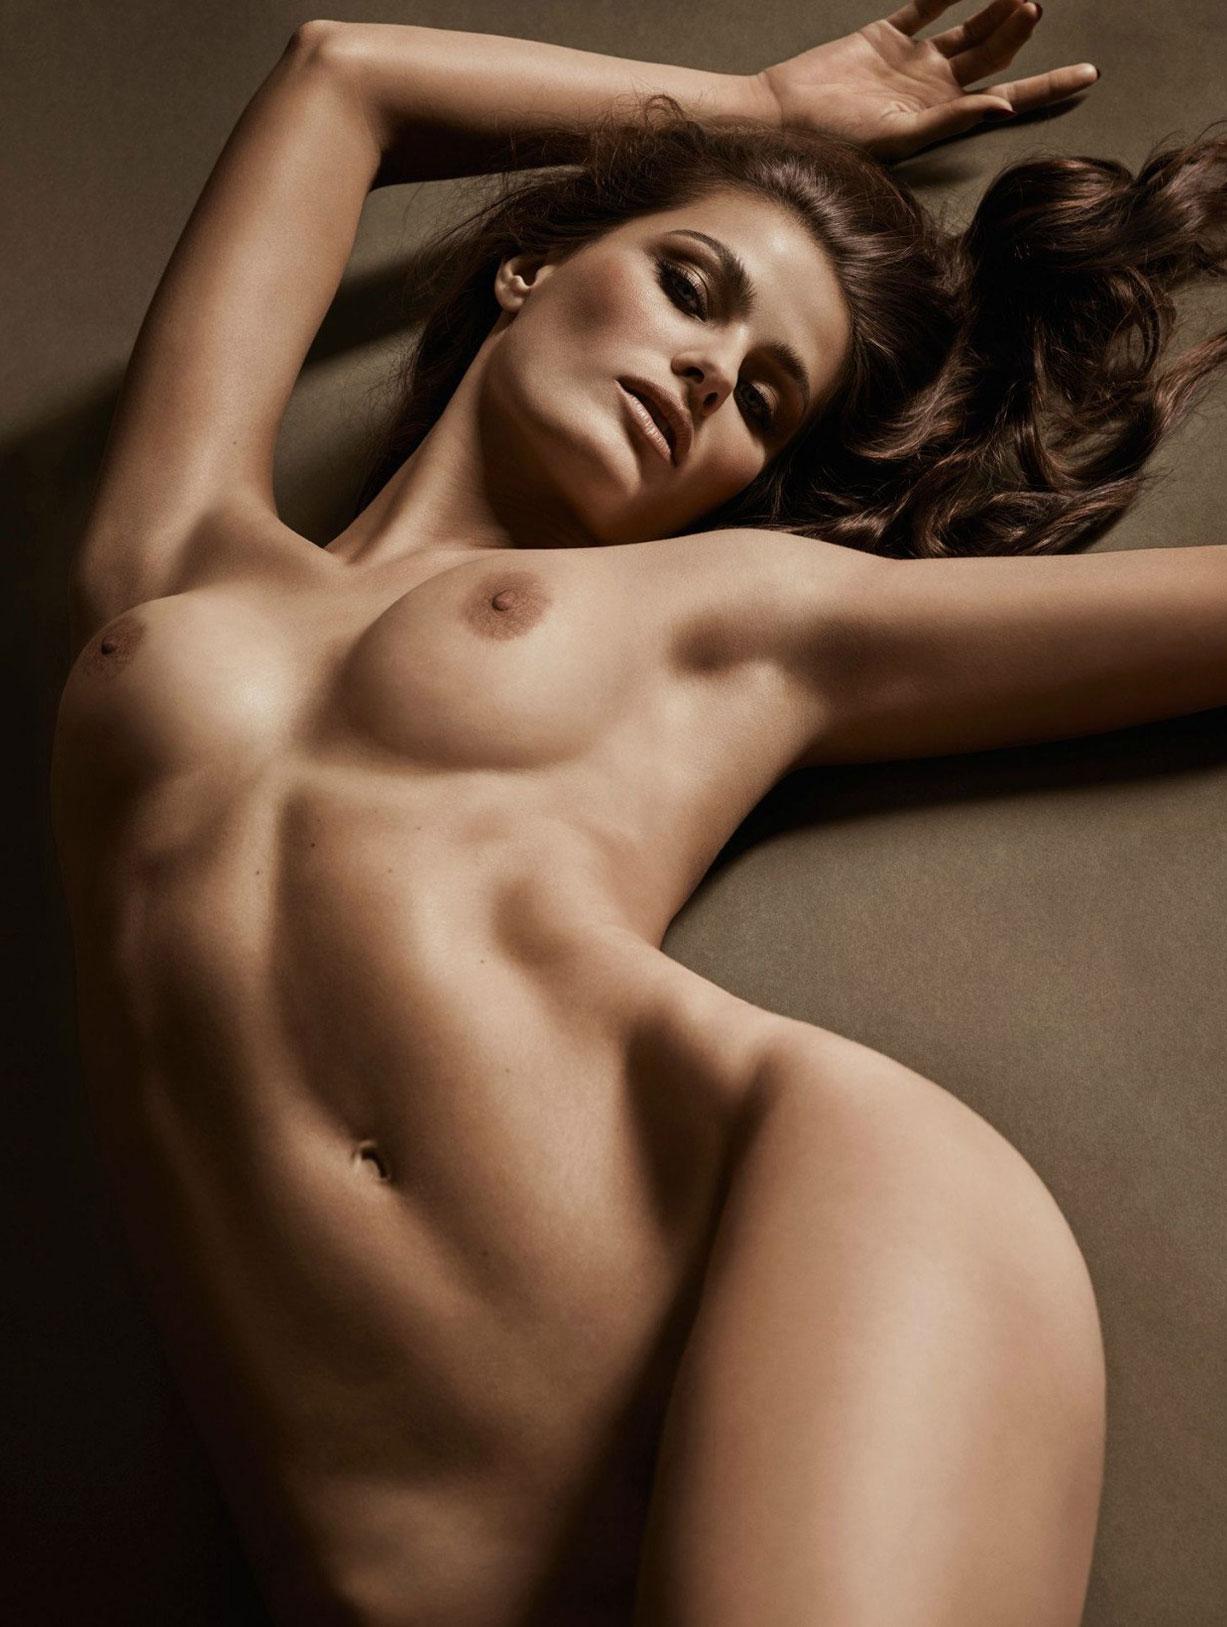 подборка фотографий сексуальных голых девушек - Isabeli Fontana